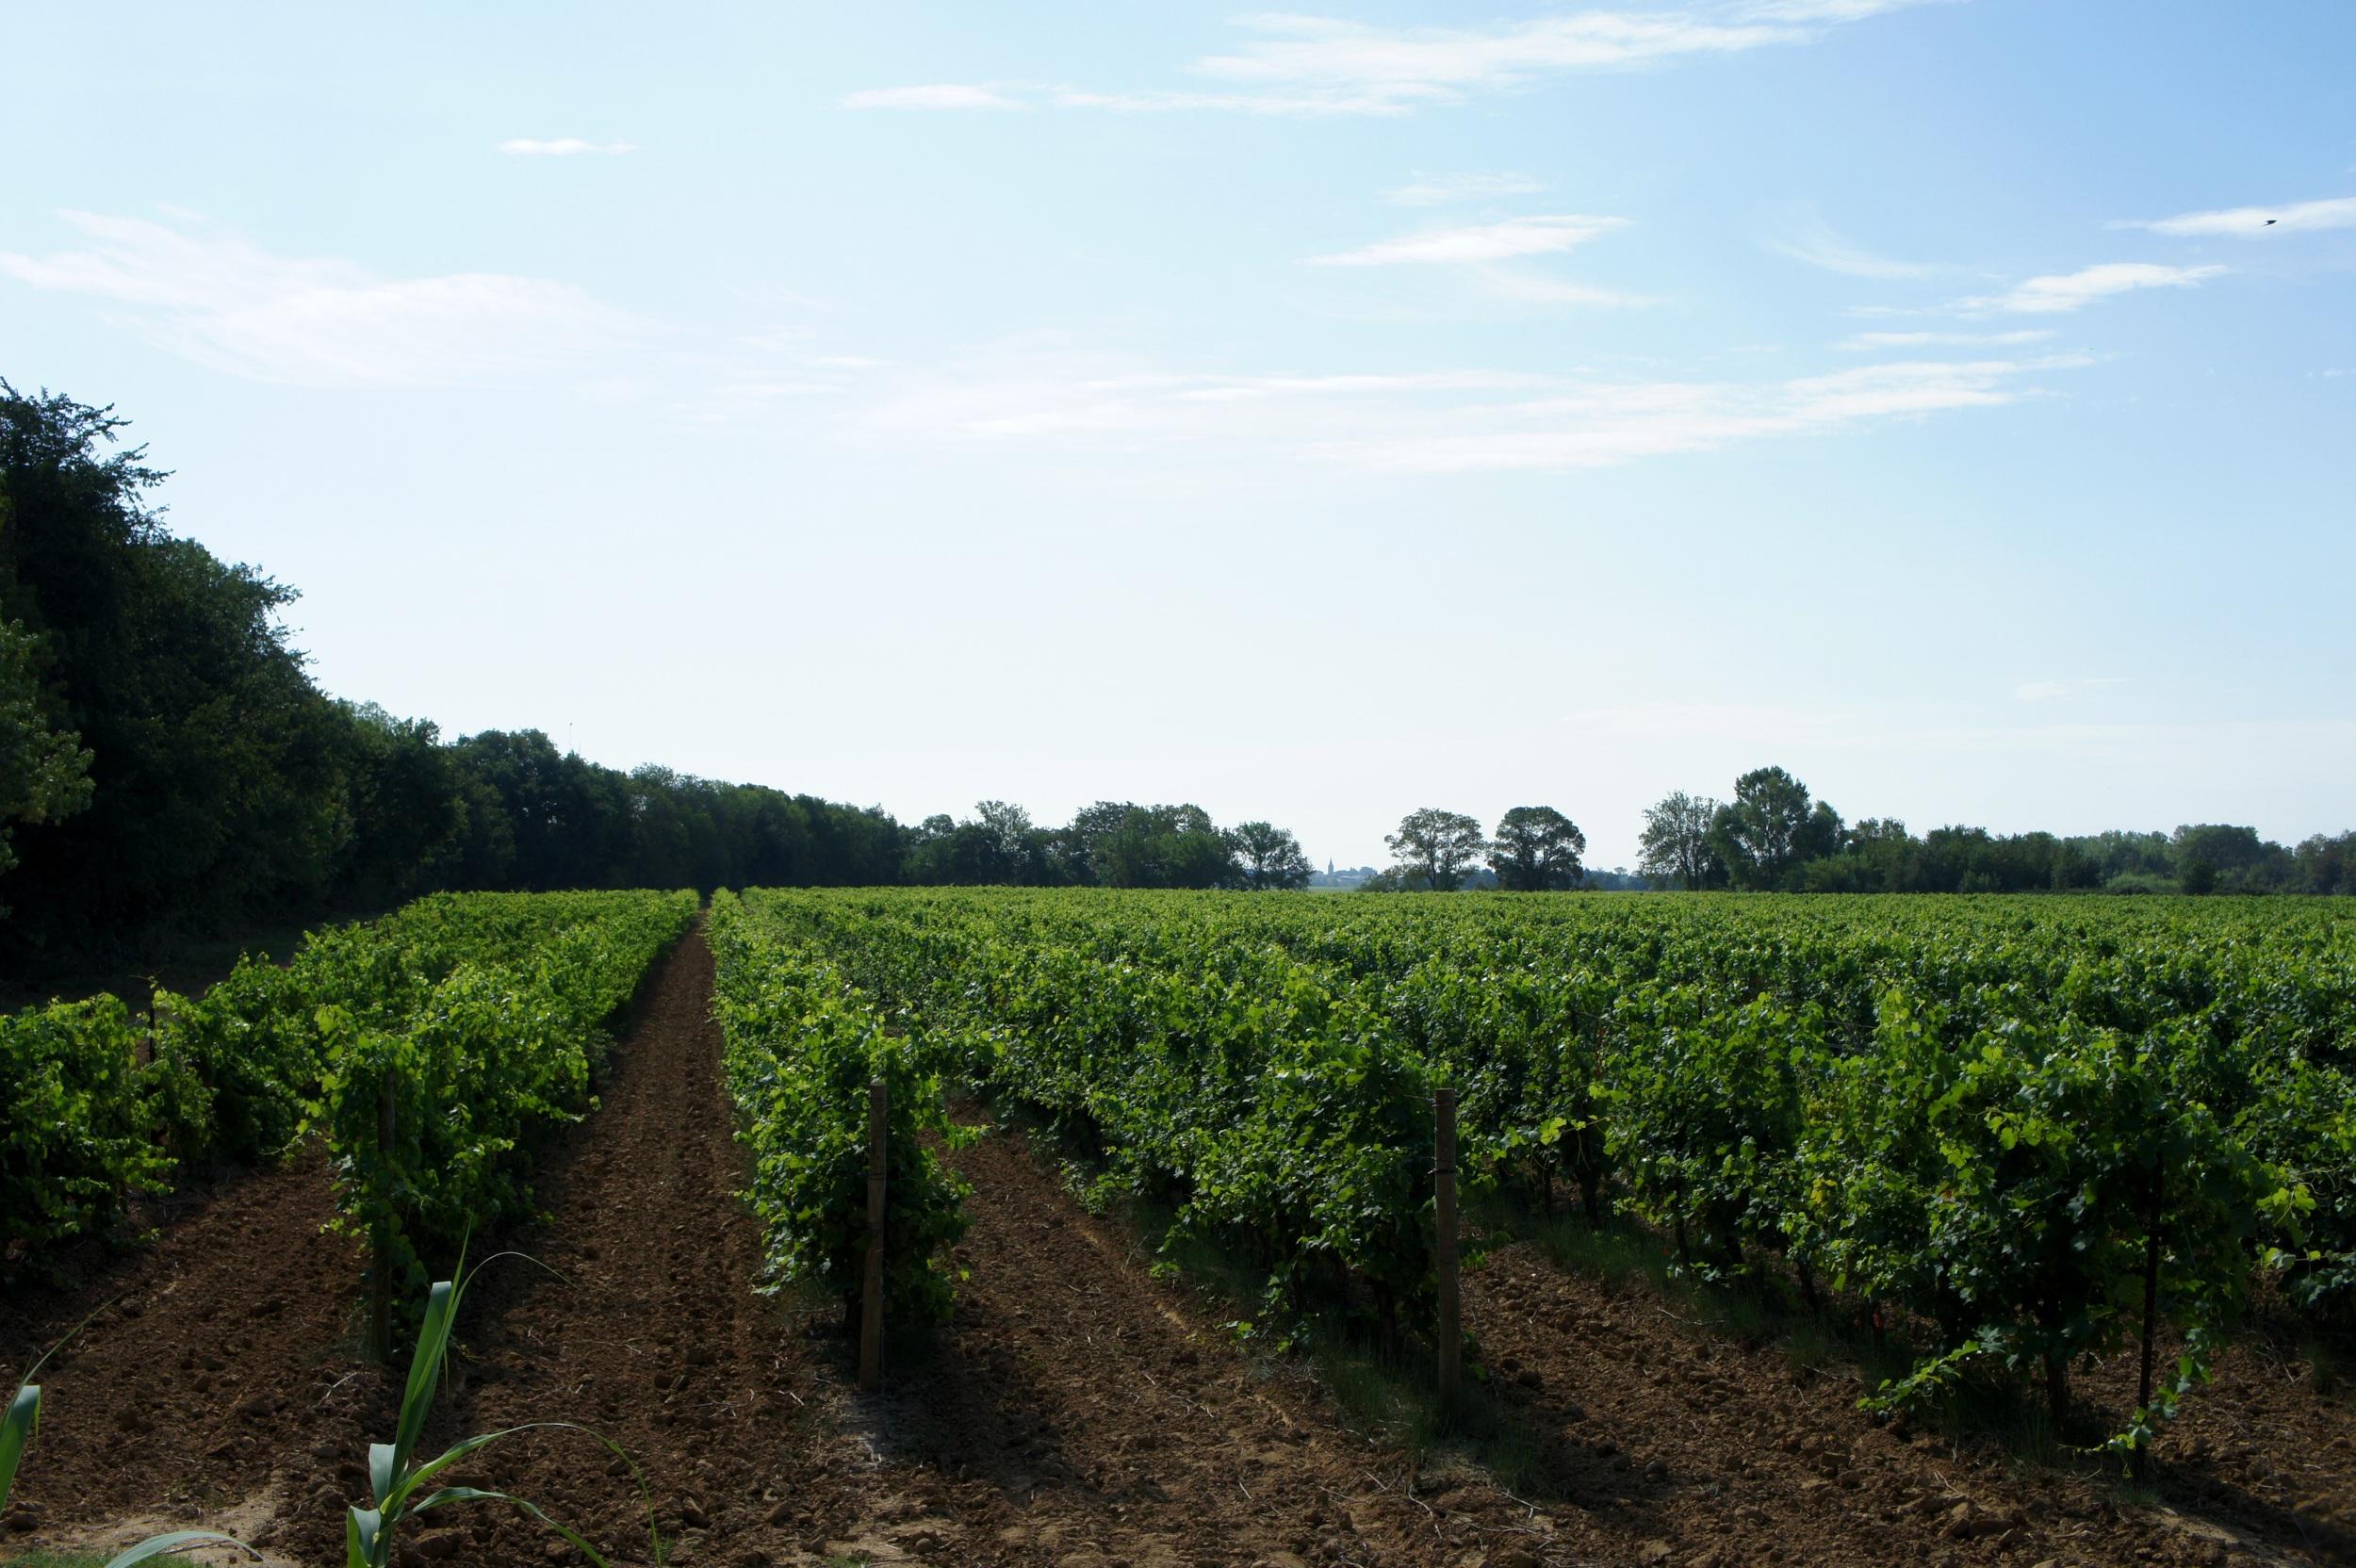 The fields of Domaine de Montmarin